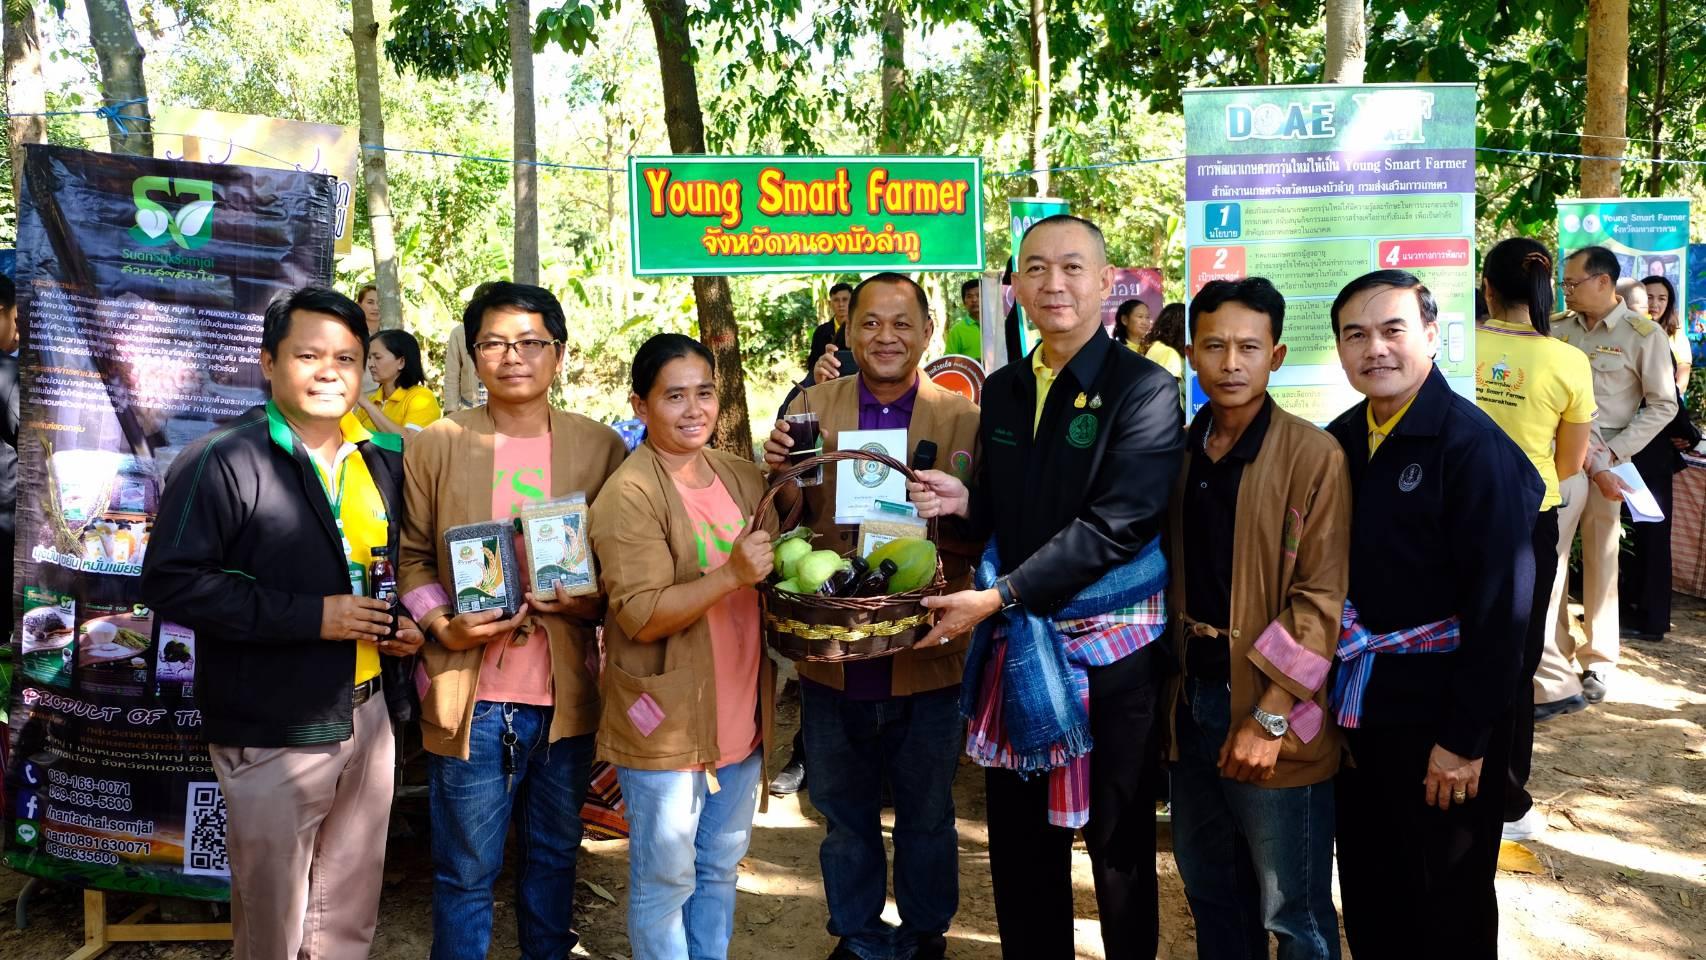 """""""เฉลิมชัย"""" ลงพื้นที่ จ.ขอนแก่น หนุนเกษตรกรรุ่นใหม่ YSF ใช้นวัตกรรม"""